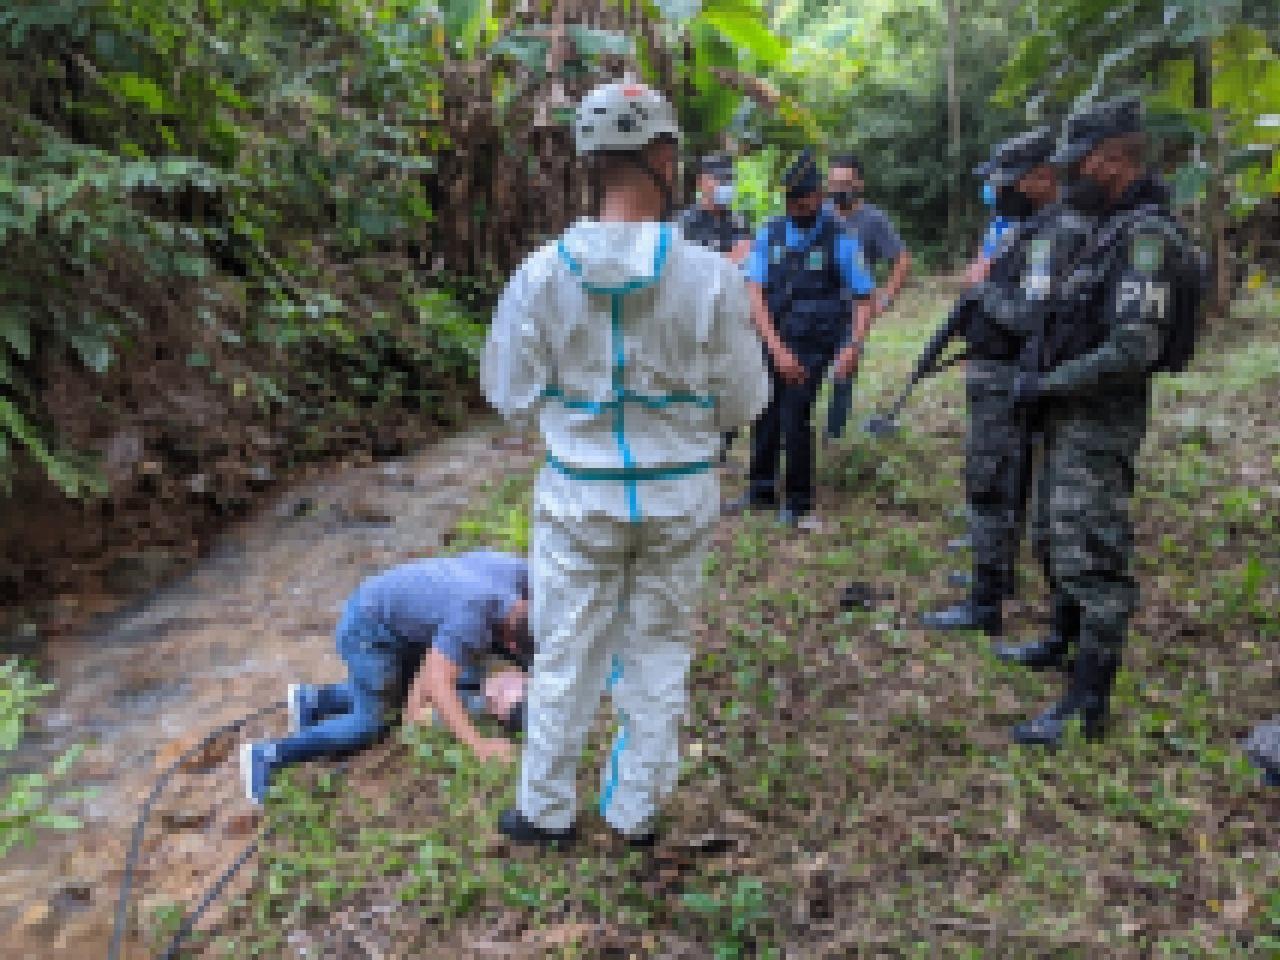 Muere una persona de la tercera edad al caer a precipicio en Valle de Ángeles